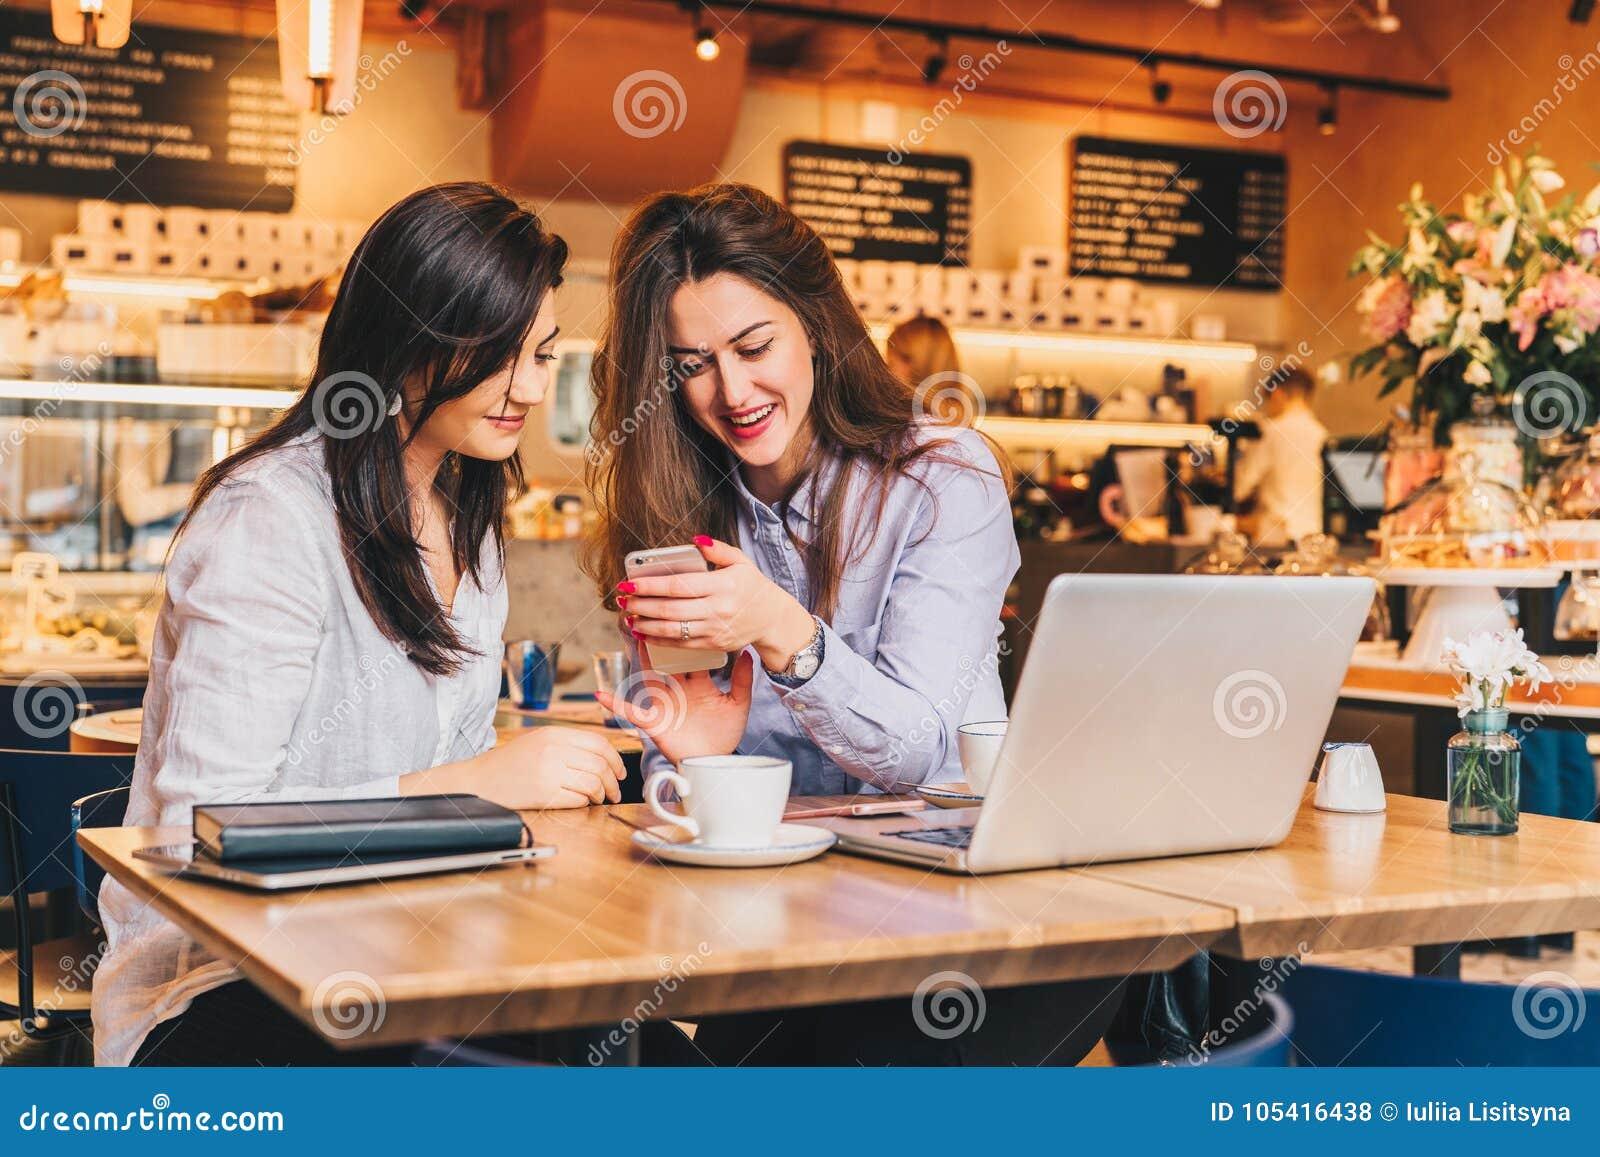 Twee jonge gelukkige vrouwen zitten in koffie bij lijst voor laptop, het gebruiken van smartphone en het lachen